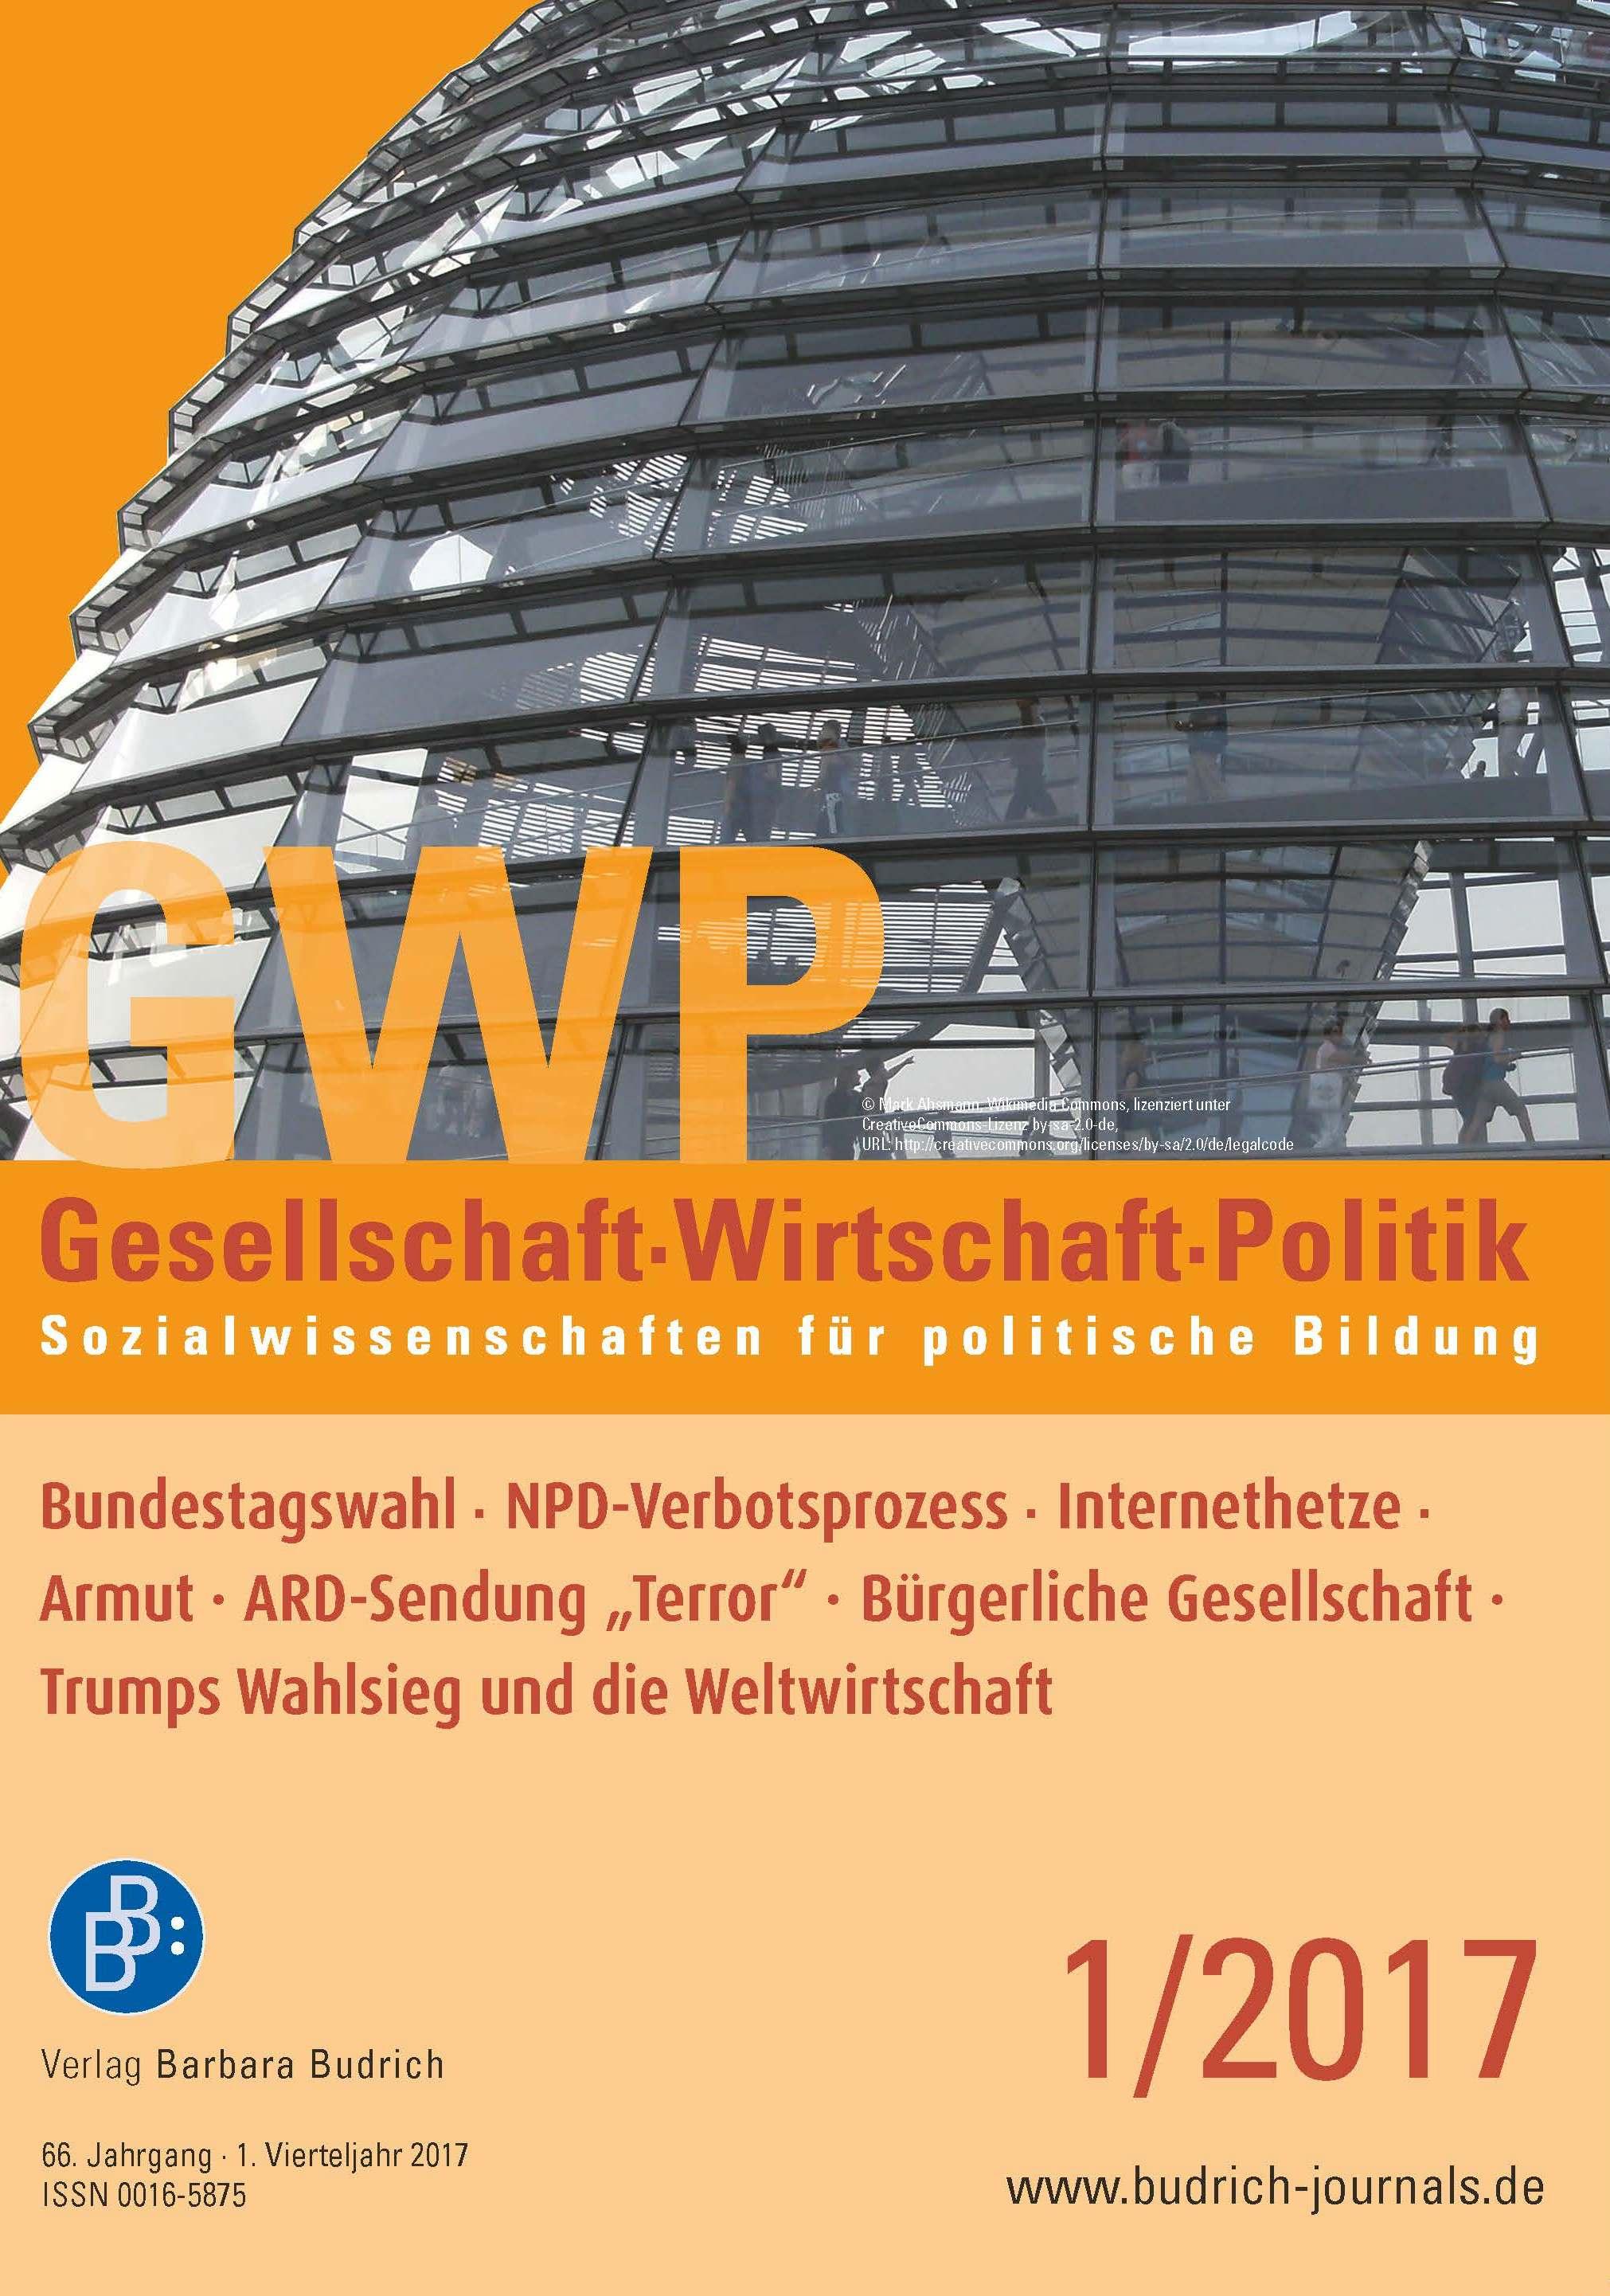 GWP – Gesellschaft. Wirtschaft. Politik 1-2017